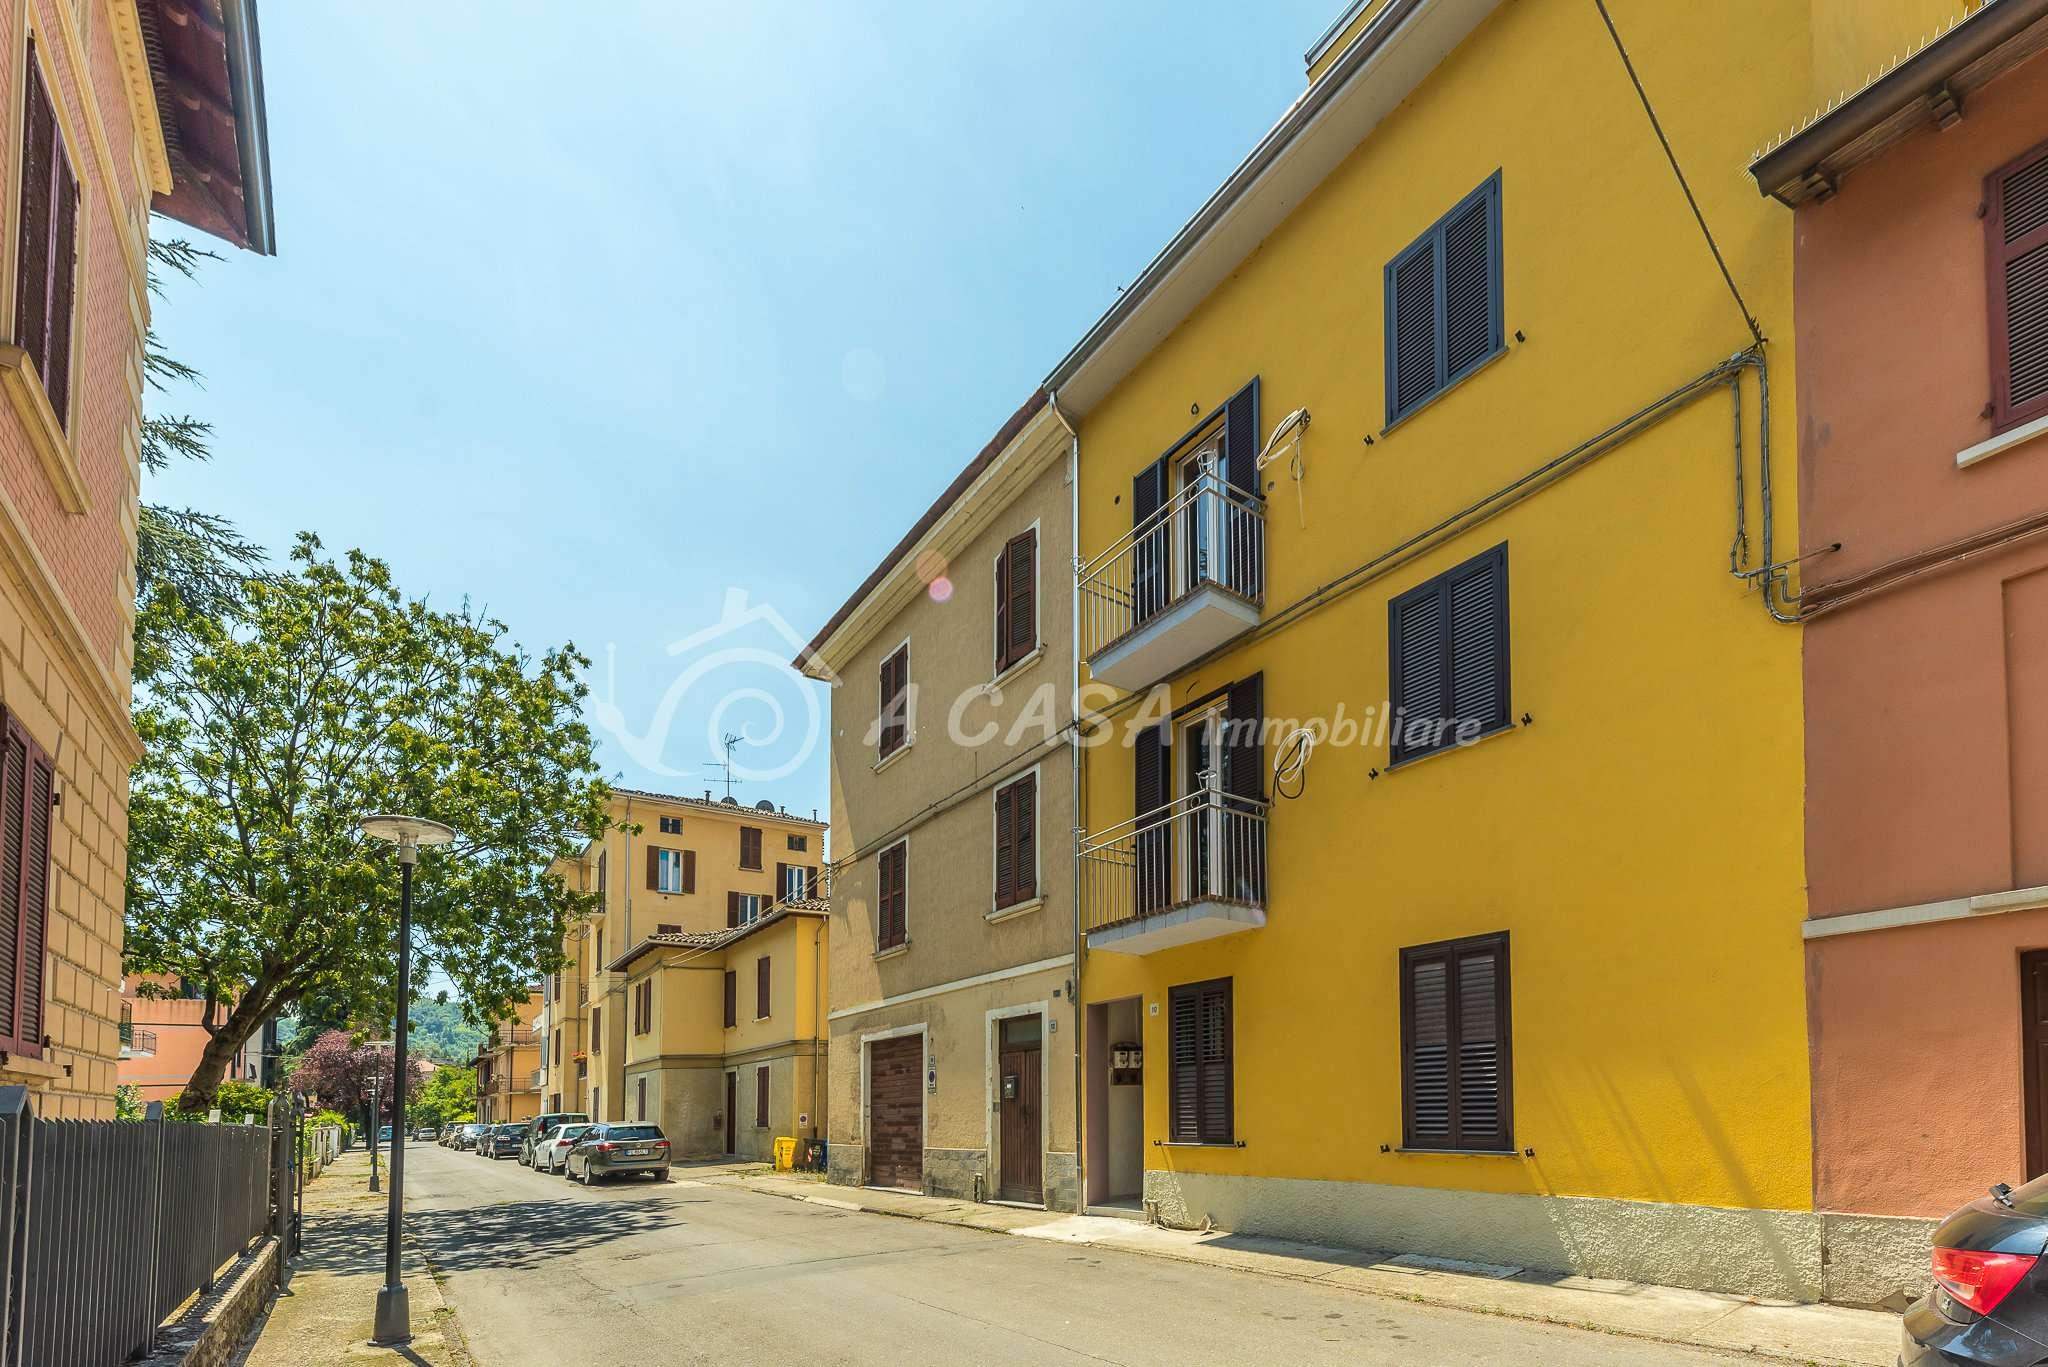 Appartamento in vendita a Salsomaggiore Terme, 3 locali, prezzo € 38.000 | CambioCasa.it